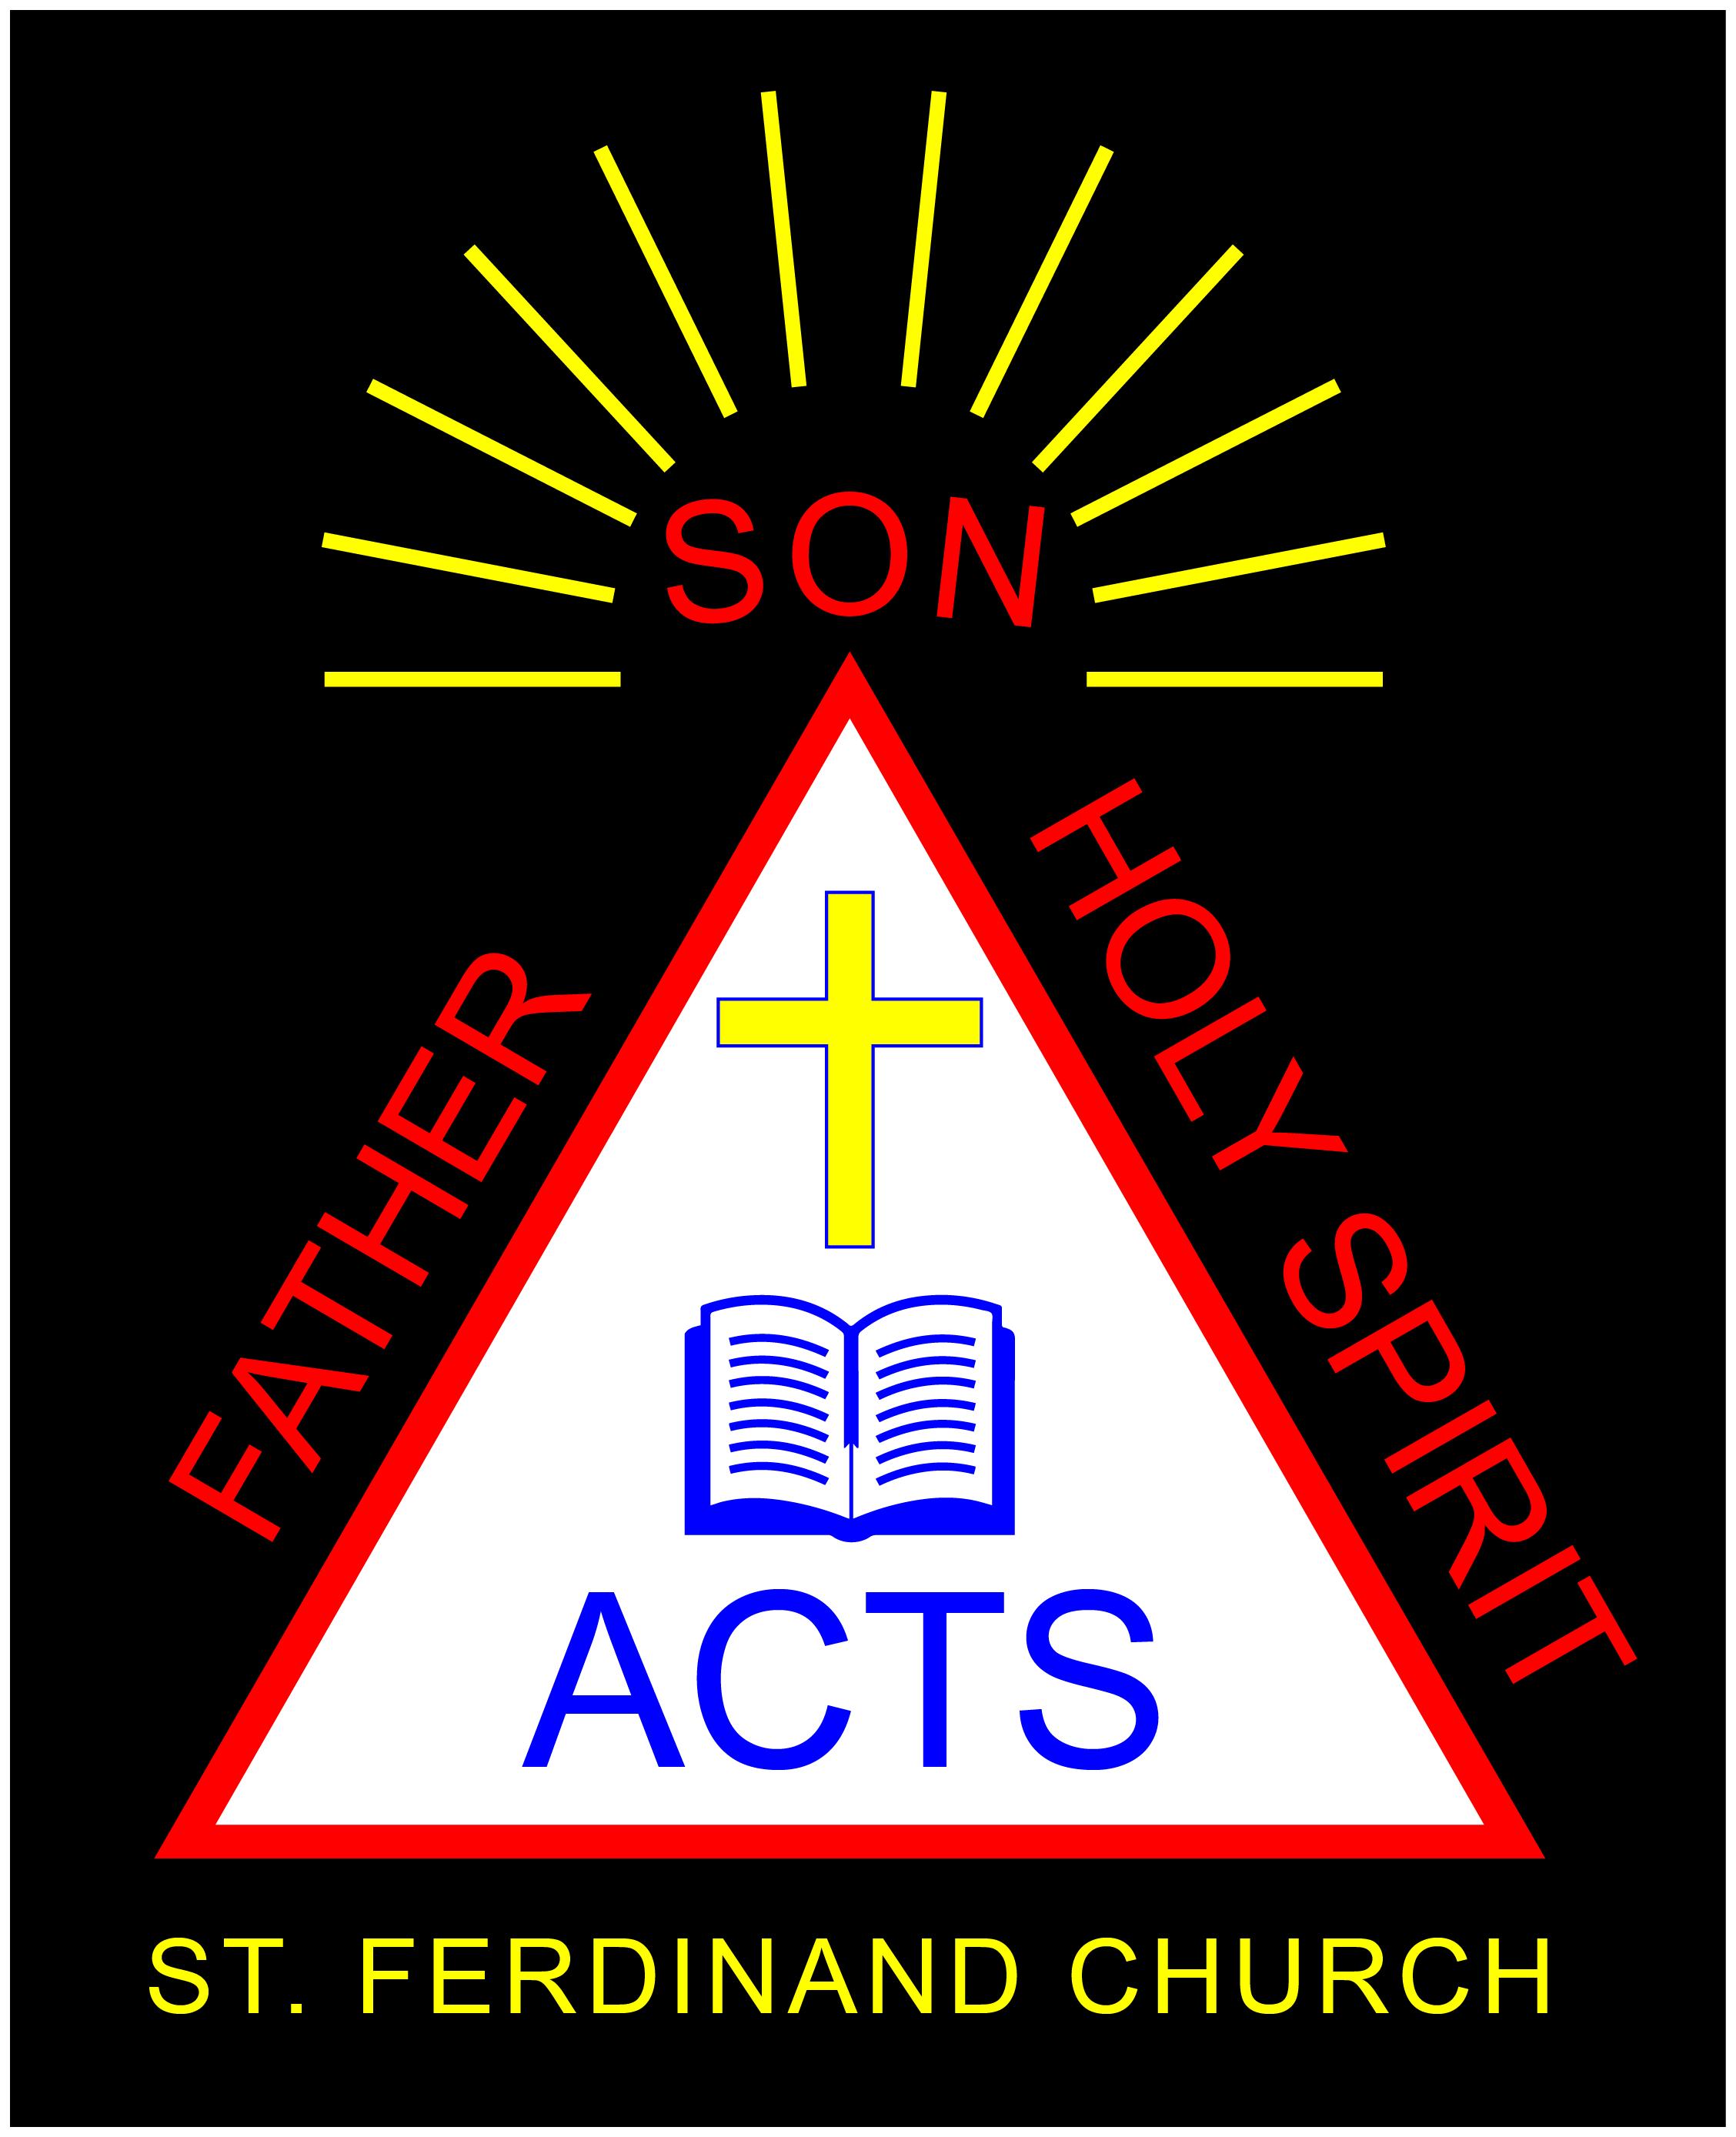 St. Ferdinand Church ACTS